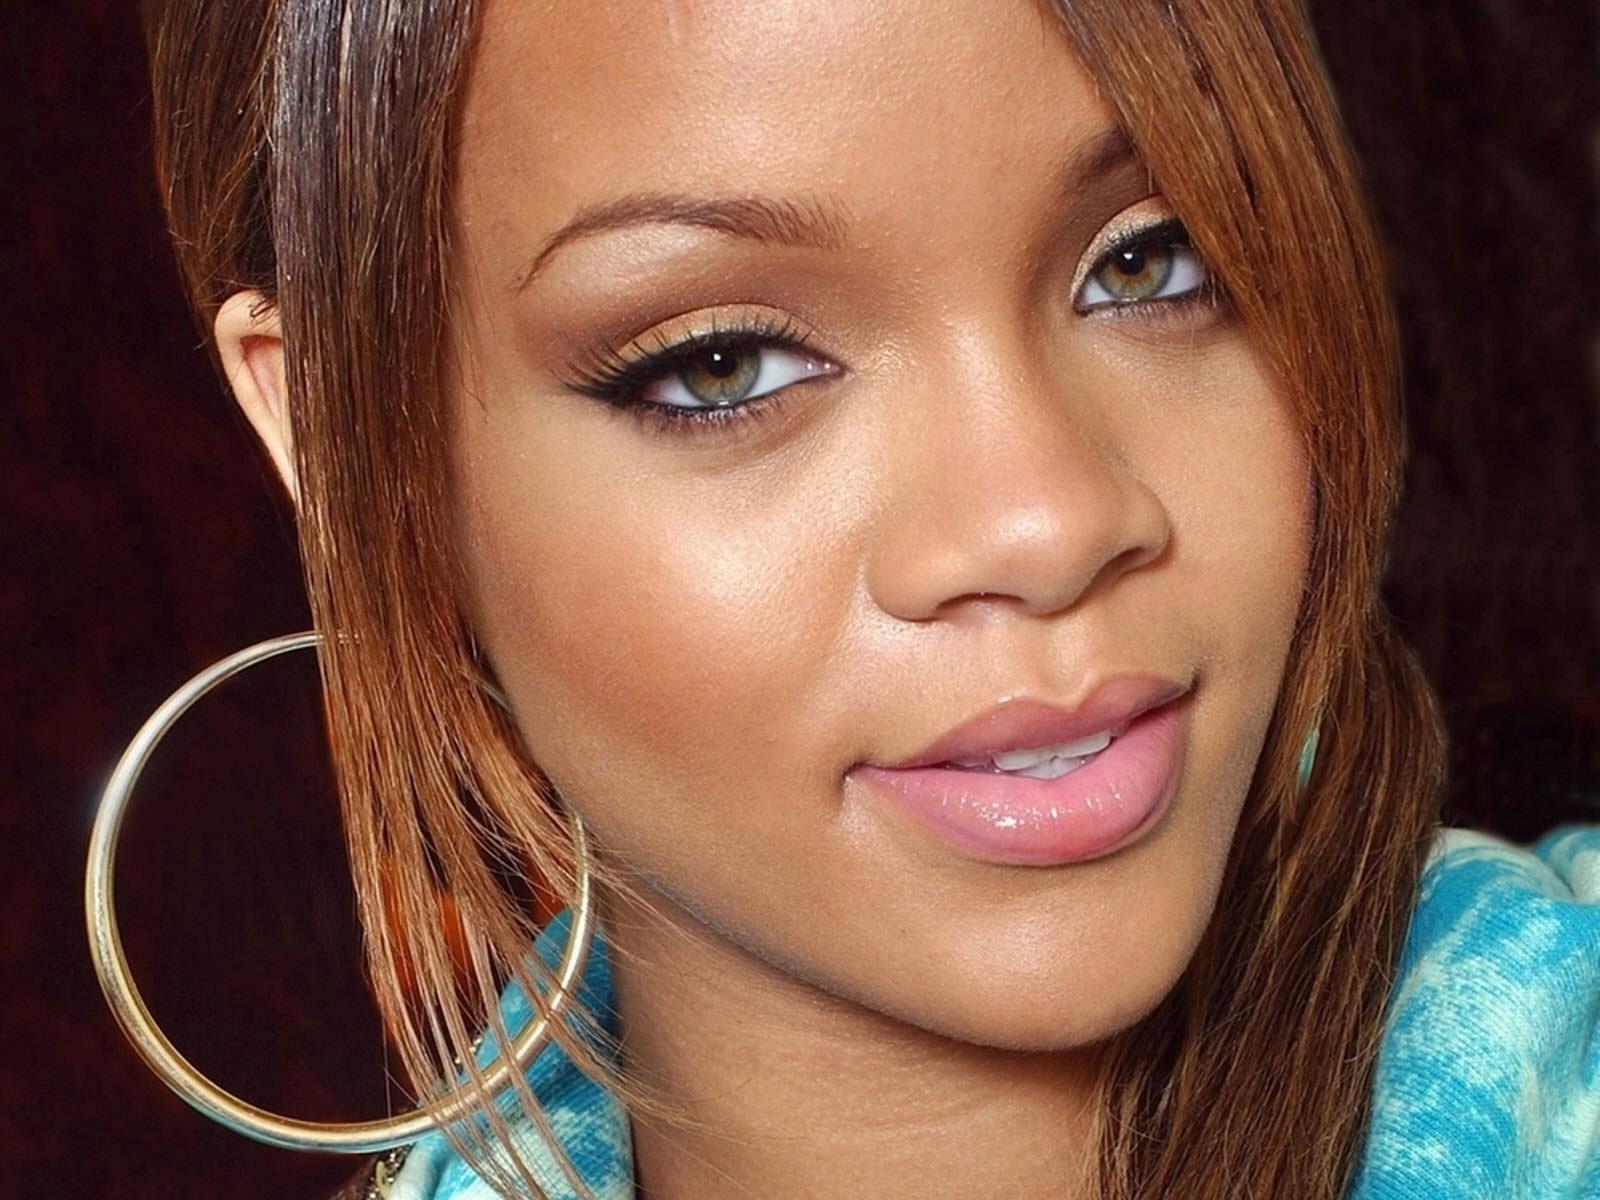 http://2.bp.blogspot.com/-ER88Ze6z9SM/Tyac4dW-J5I/AAAAAAAAC3g/6lVlpEKnS_w/s1600/Rihanna-Wallpapers-For-Desktop-3.jpg